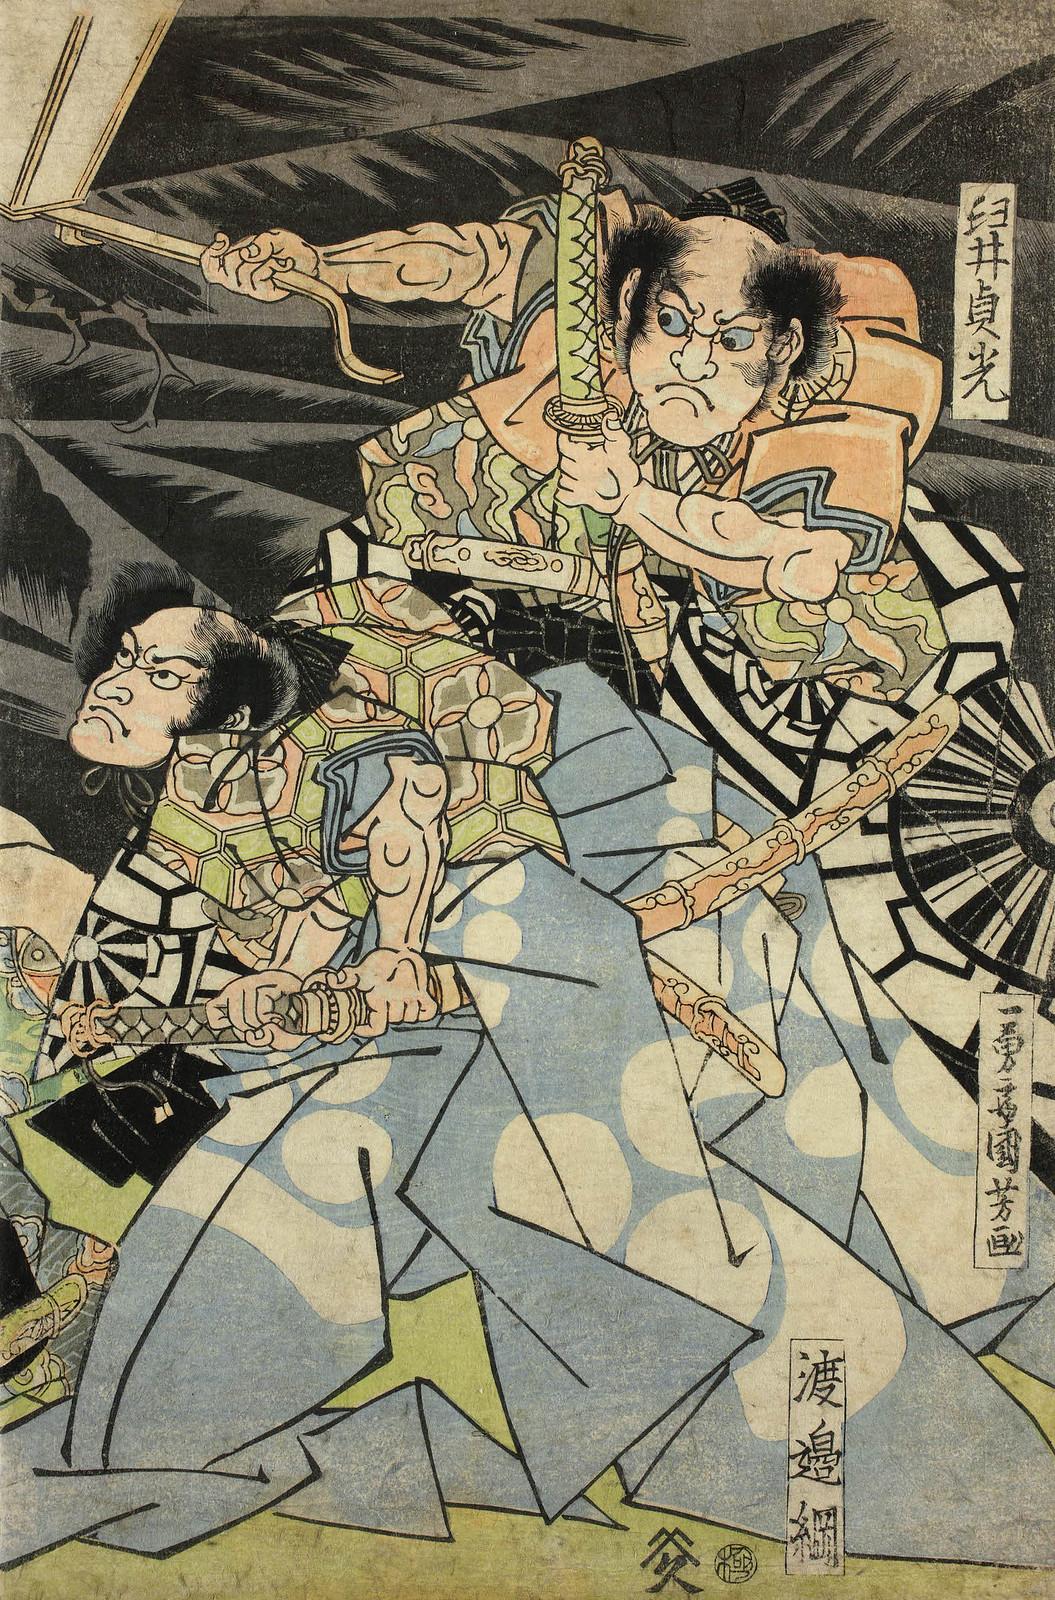 Utagawa Kuniyoshi - Minamoto no Yorimitsu fighting demon spider, with Usui no Sadamitsu, Watanabe no Tsuna, Urabe no Suetake with Sakata Kintoki with go-board. 18th c (right panel)